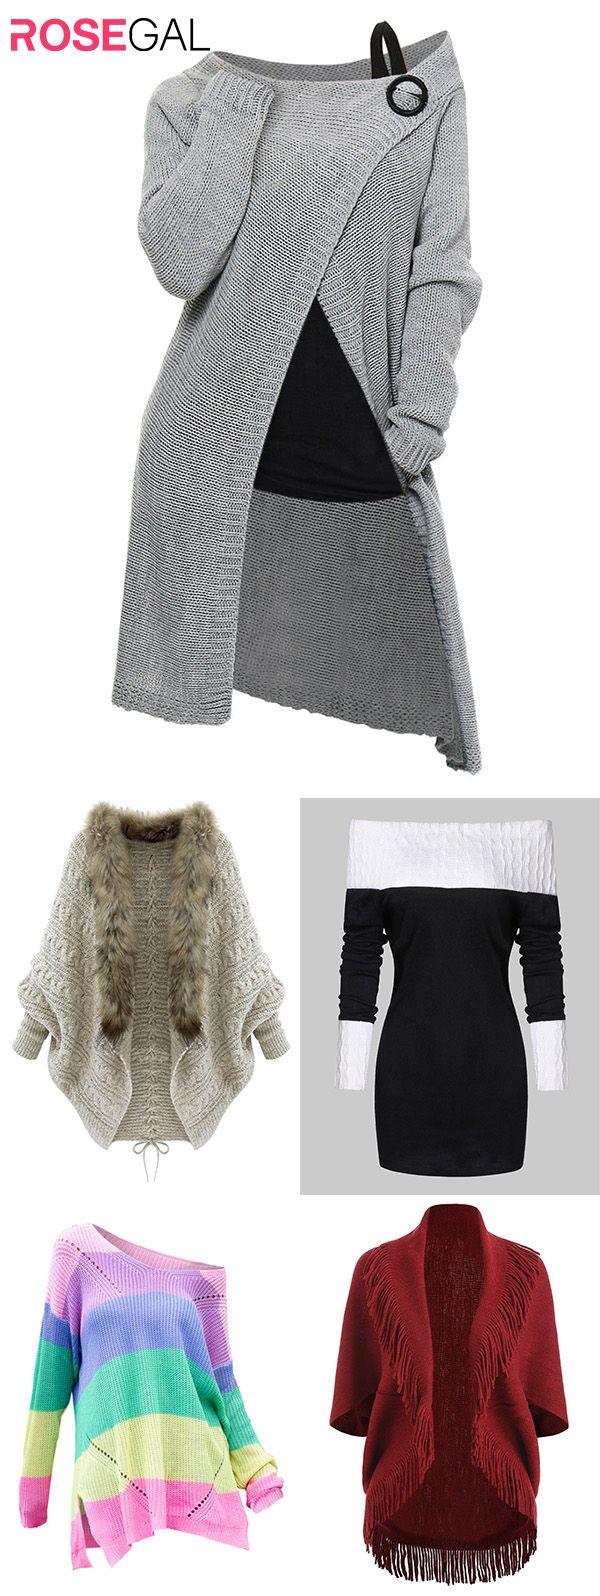 Rosegal femmes Automne Tenues Longues Pulls Idées de chandail de mode automne femme